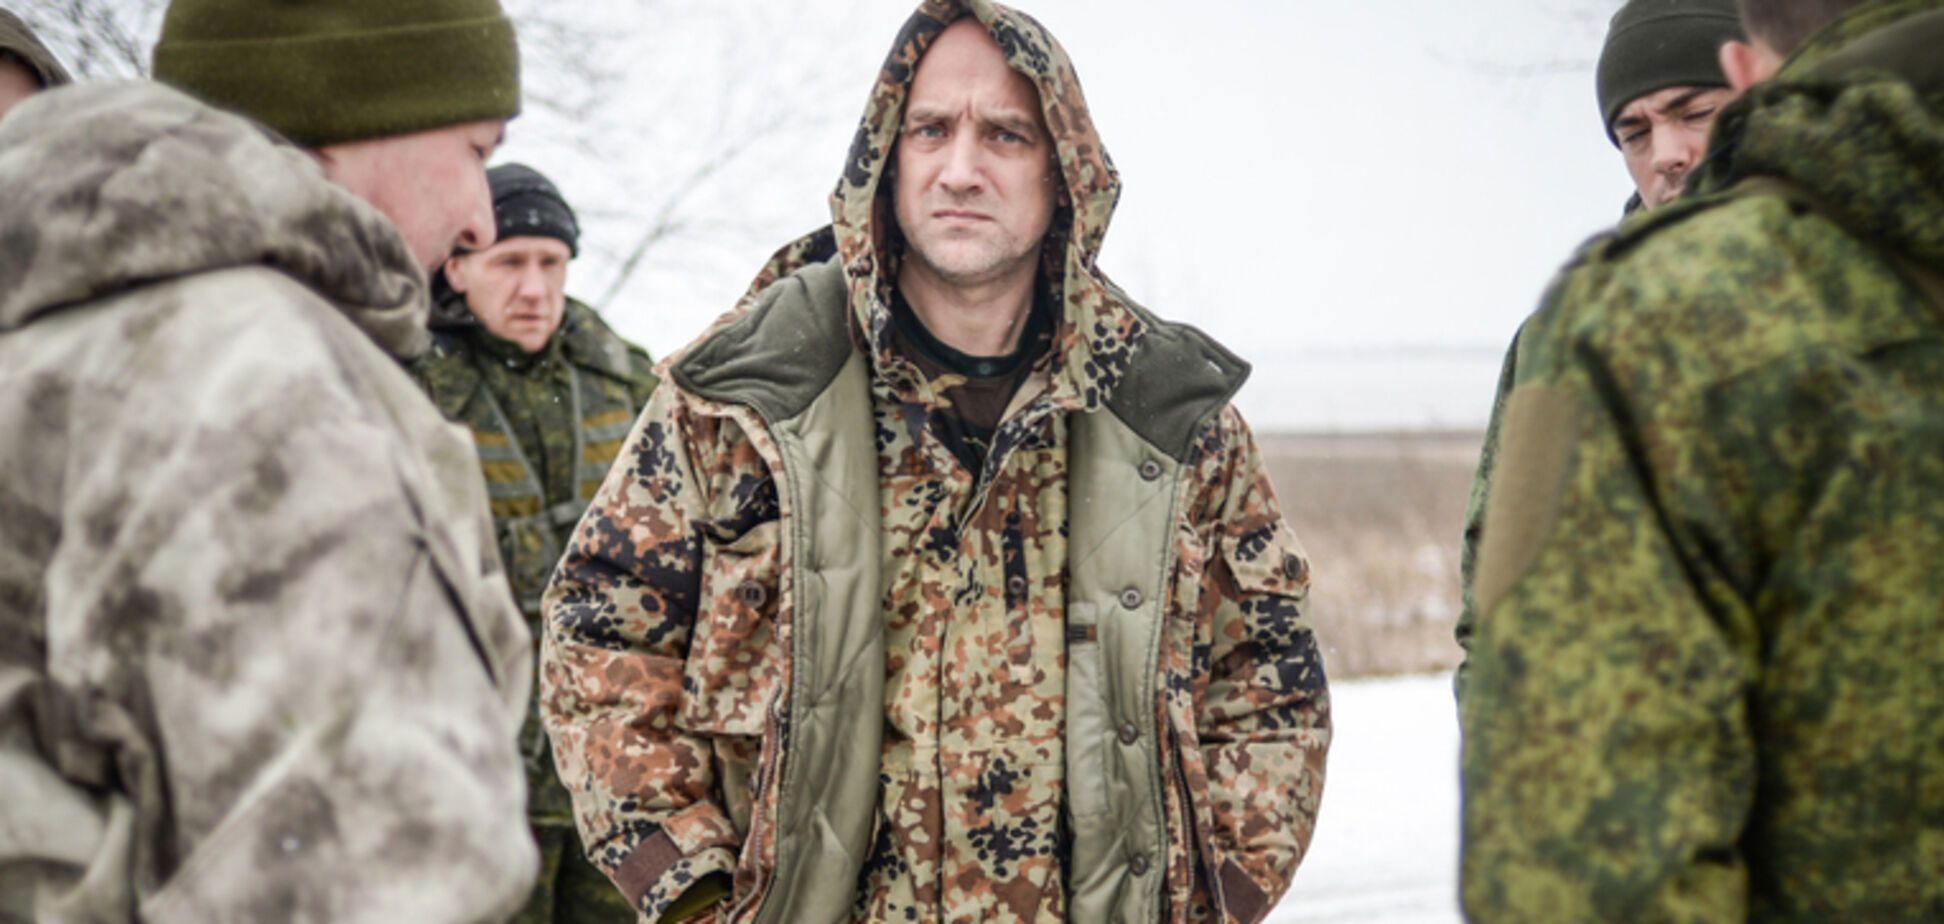 Терорист 'ДНР' злив Україні весь склад 'батальйону' Прилєпіна: оприлюднені списки